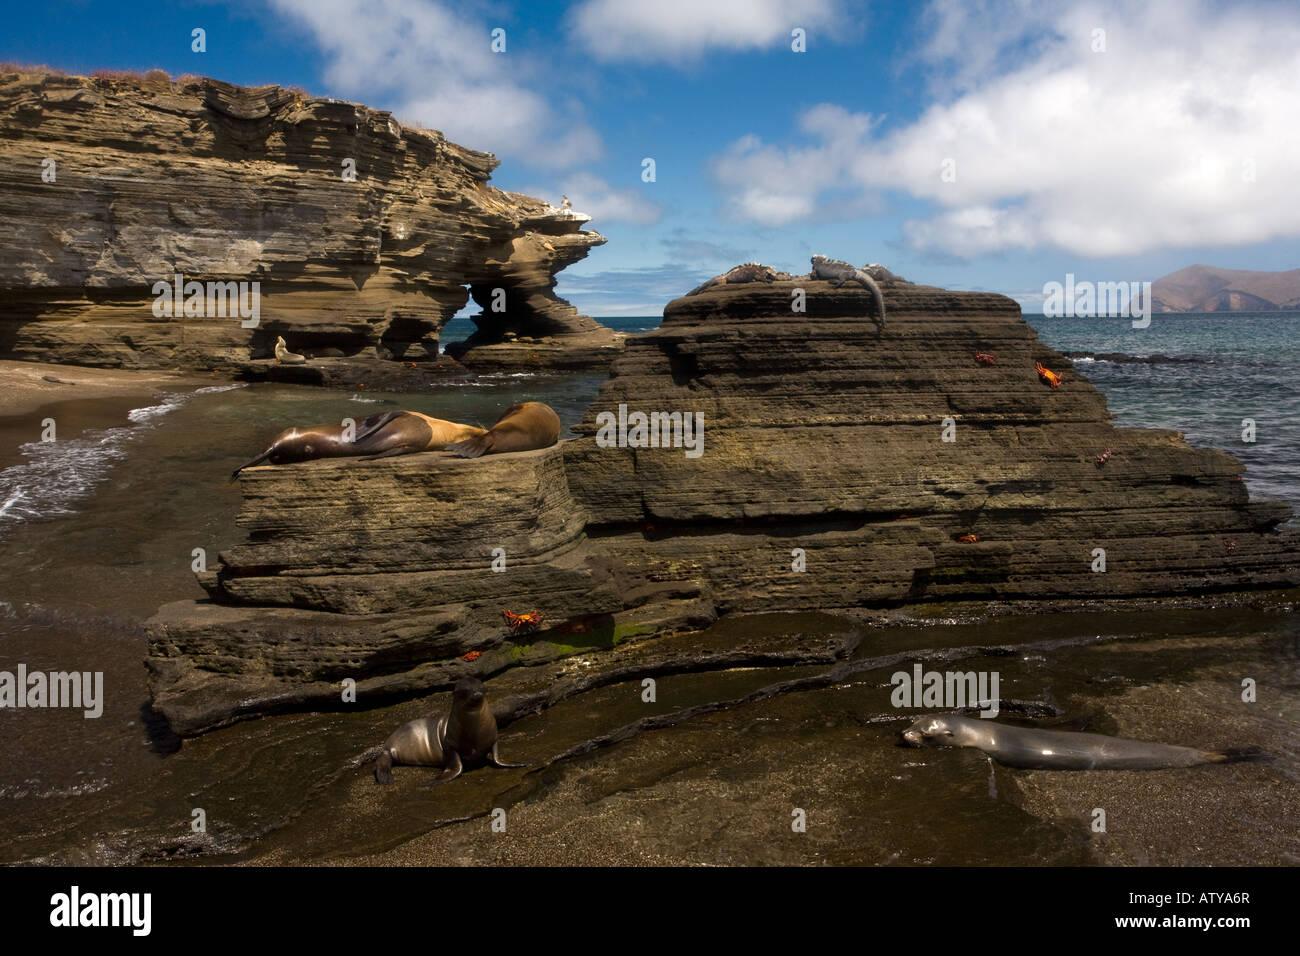 Galapagos: microcosmo vista con leoni di mare Sally Lightfoot granchi iguane marine sule etc su rocce laviche a Immagini Stock